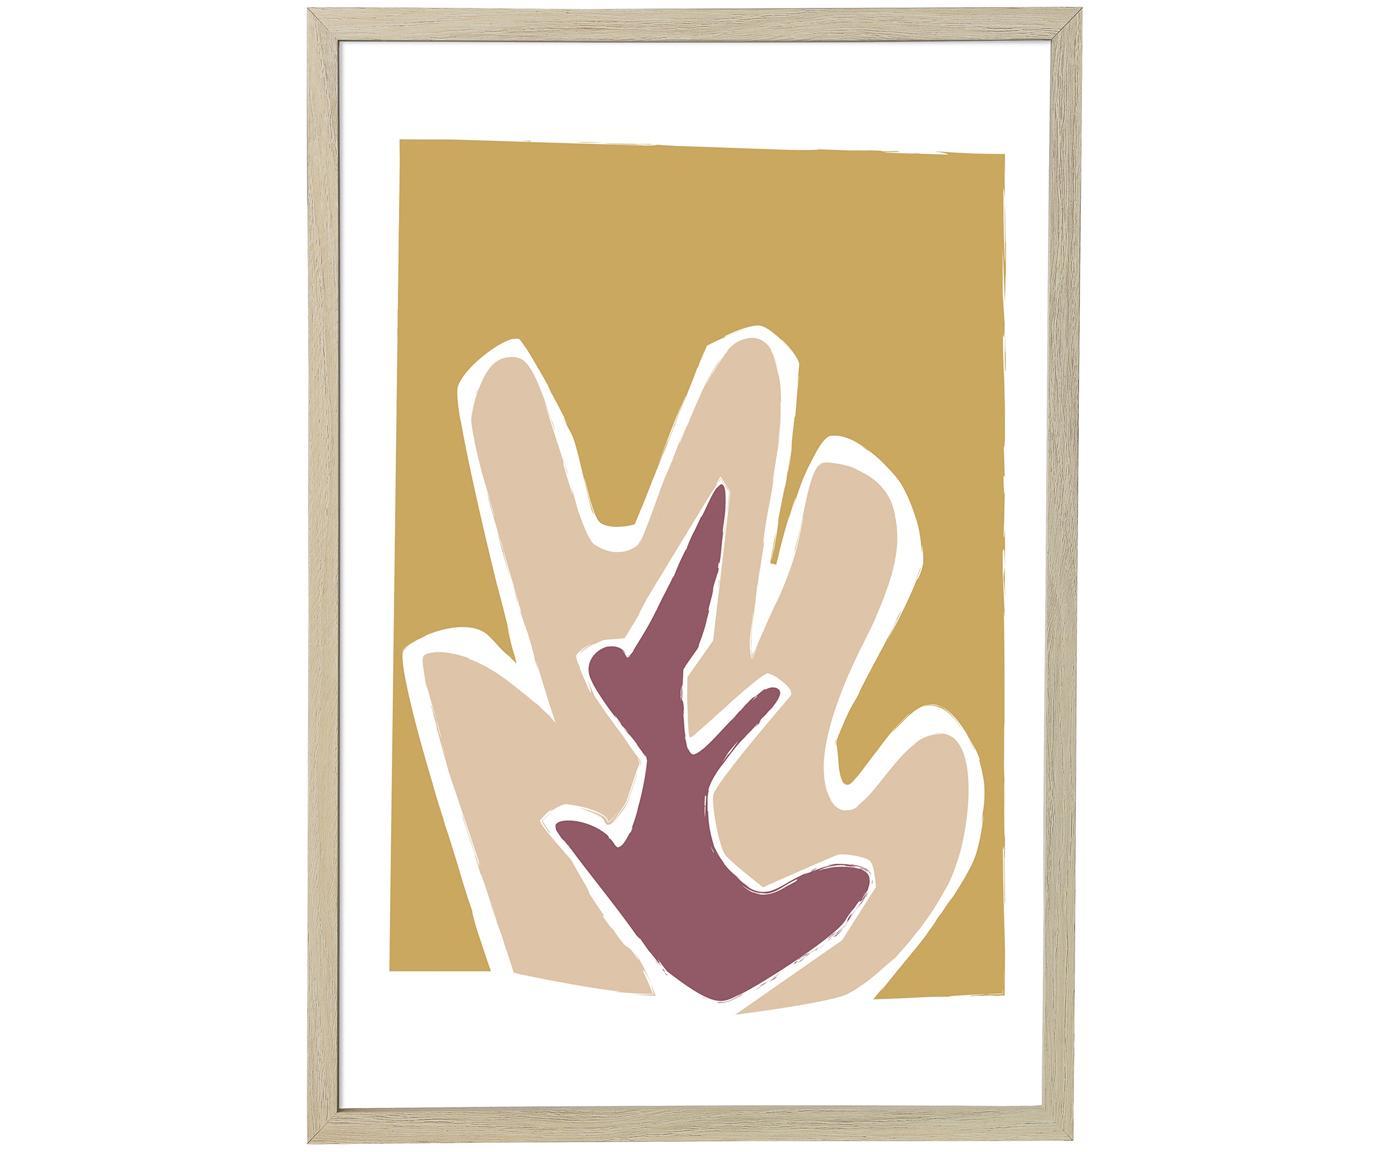 Ingelijste digitale print Kasja, Lijst: MDF, PVC, Beige, wit, roze, mosterdgeel, 45 x 65 cm